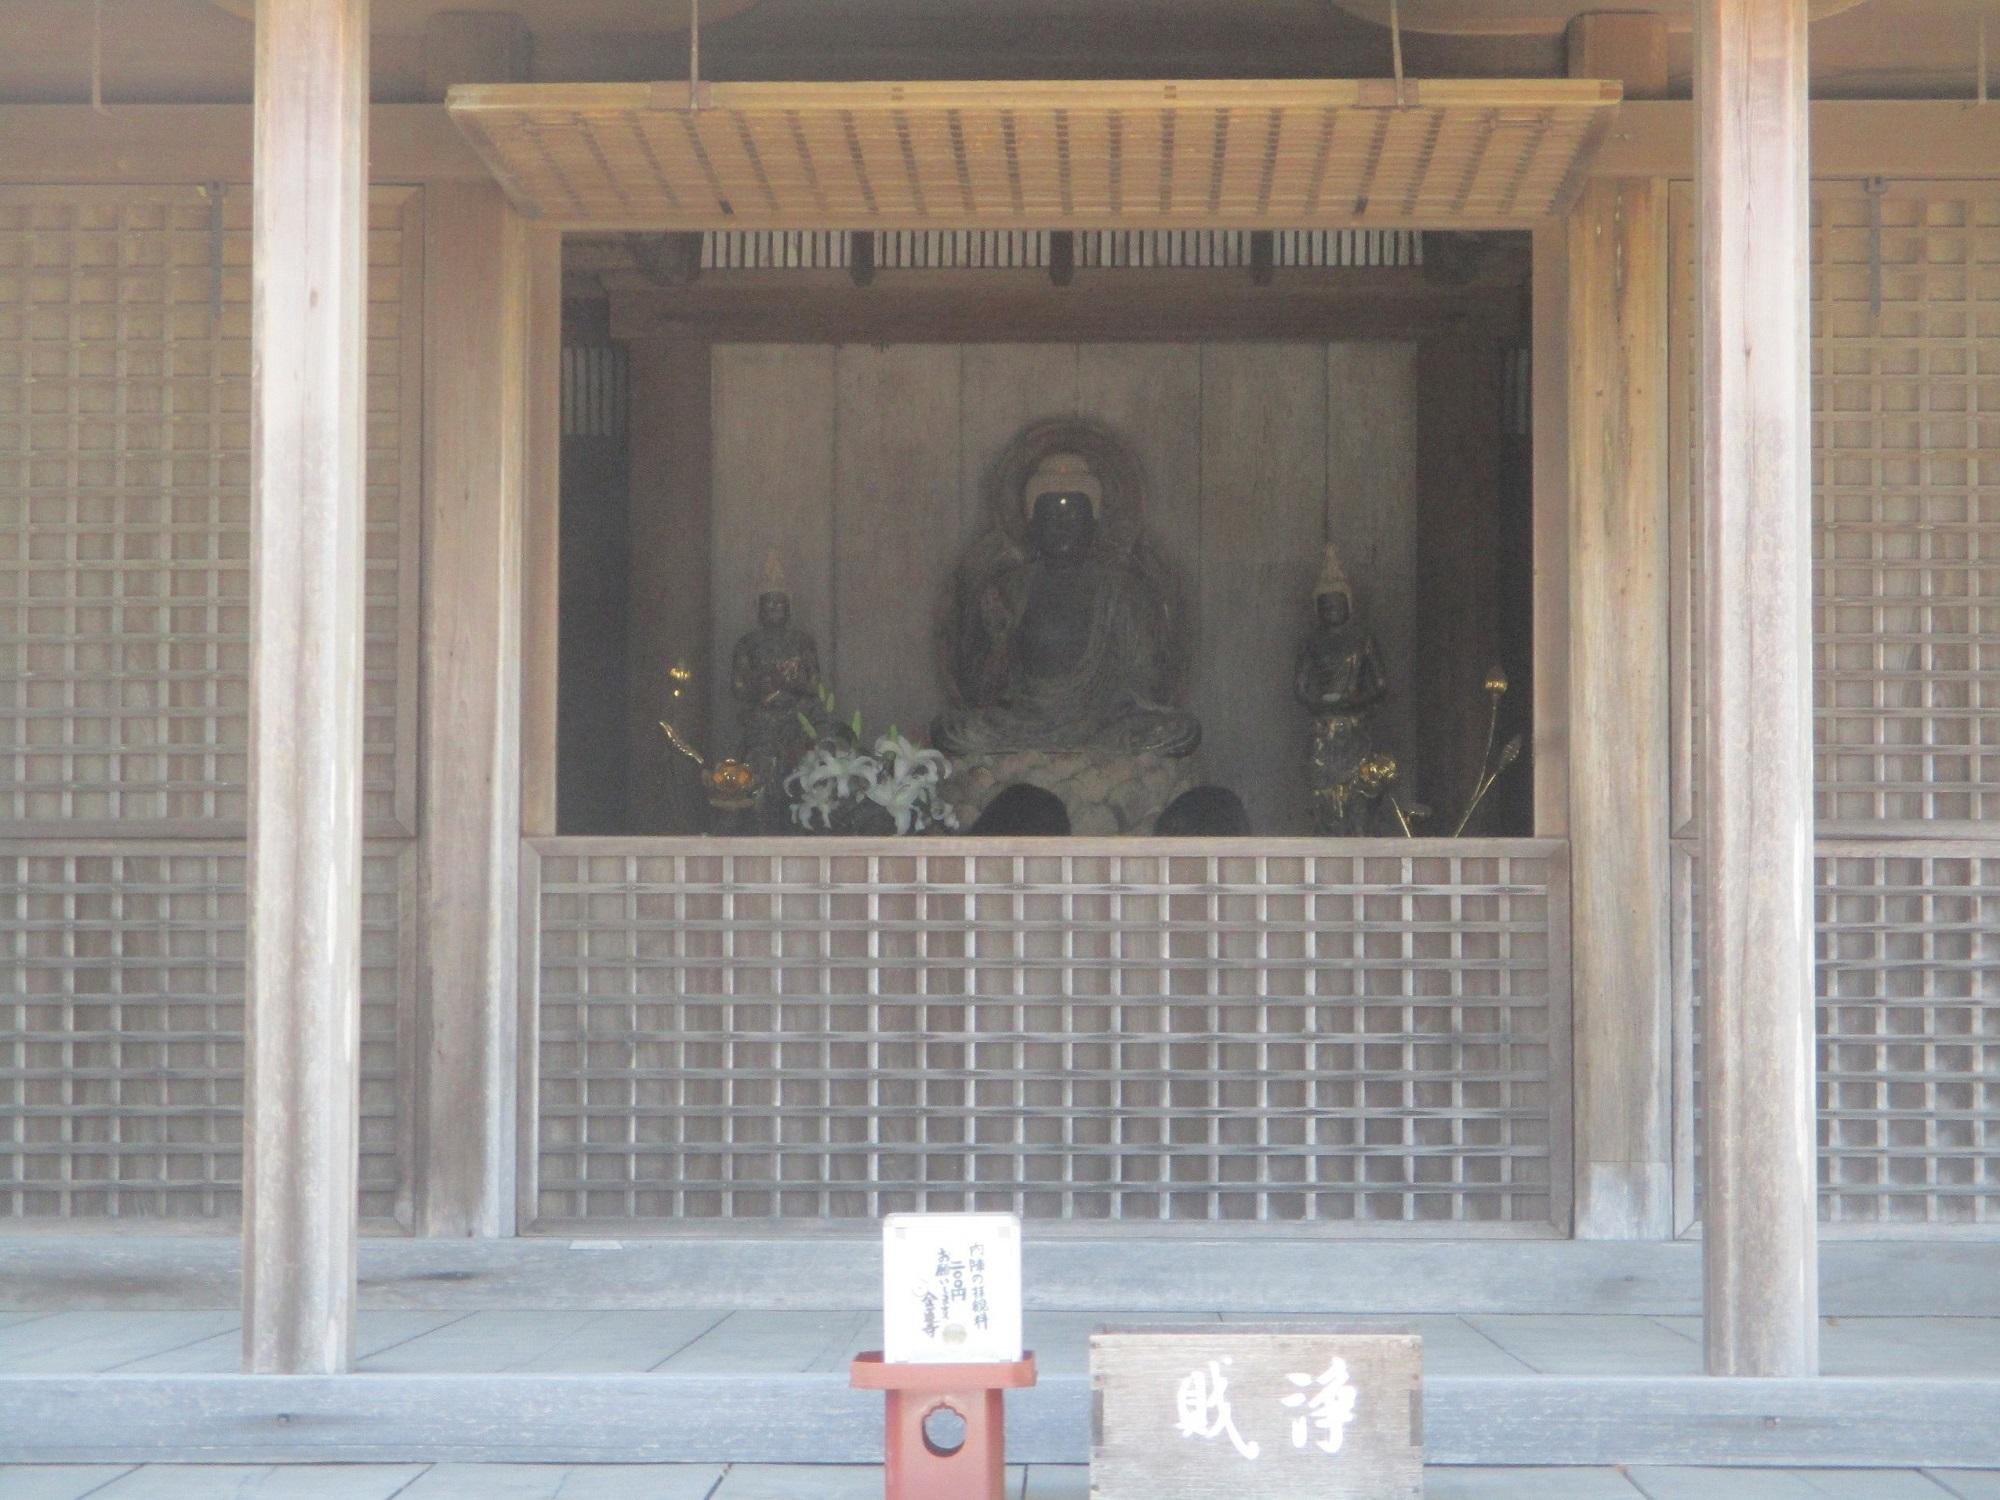 2020.5.29 (16) 金蓮寺弥陀堂 - 開口部 2000-1500